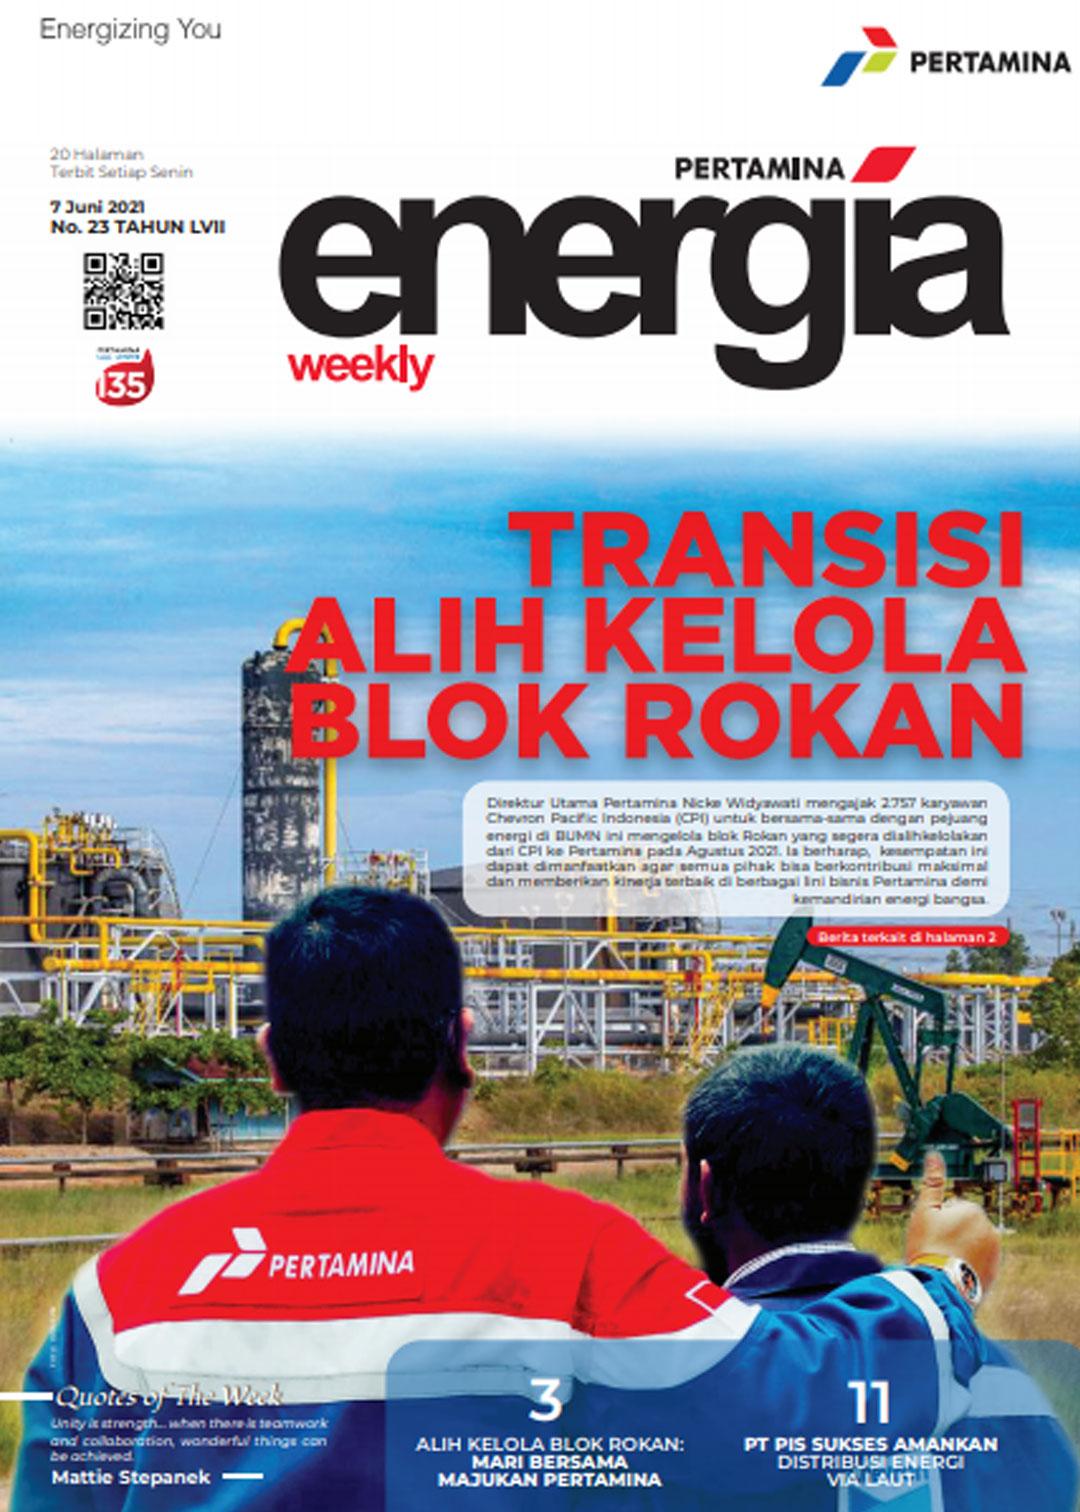 Energia Weekly 1st Week of June 2021